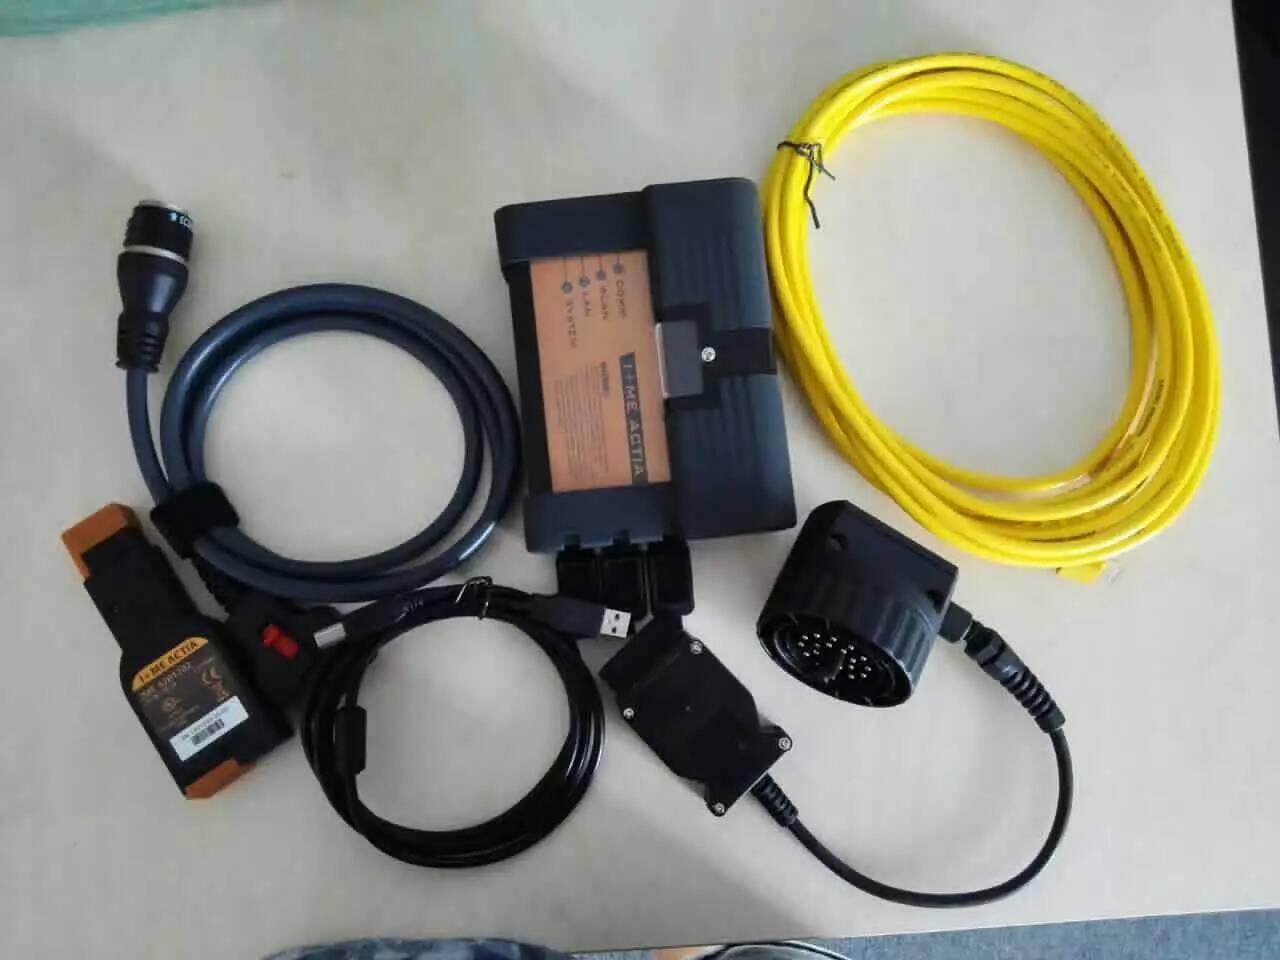 宝马ICOM A3原厂诊断电脑宝马ISTA/P编程检测仪